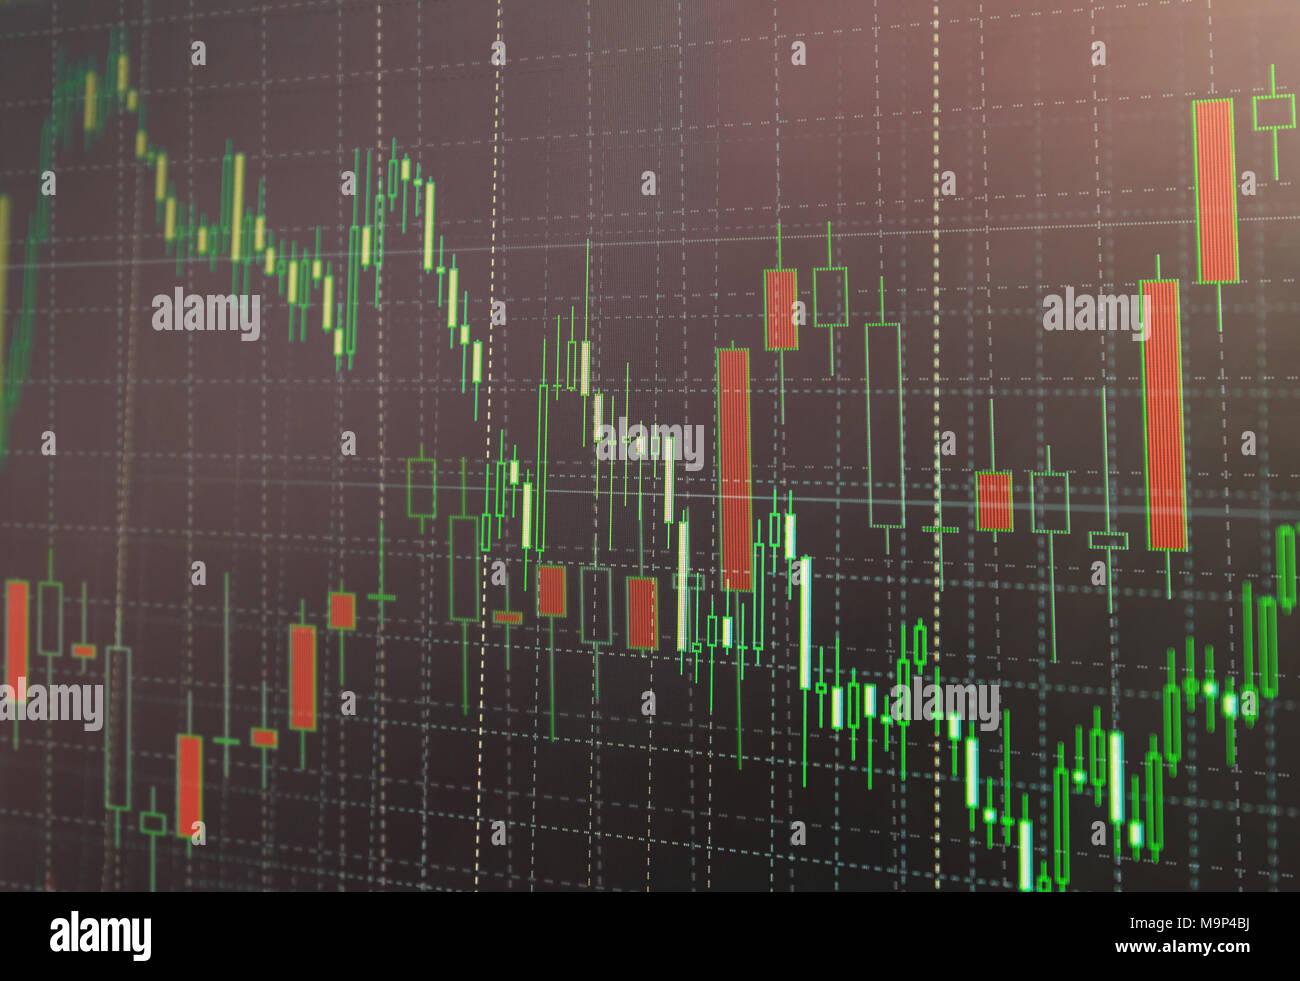 Bourse ou le commerce de Forex graphique graphique chandelier et convient pour Concept d'investissement financier. Les tendances de l'économie de l'arrière-plan et une idée d'entreprise Photo Stock